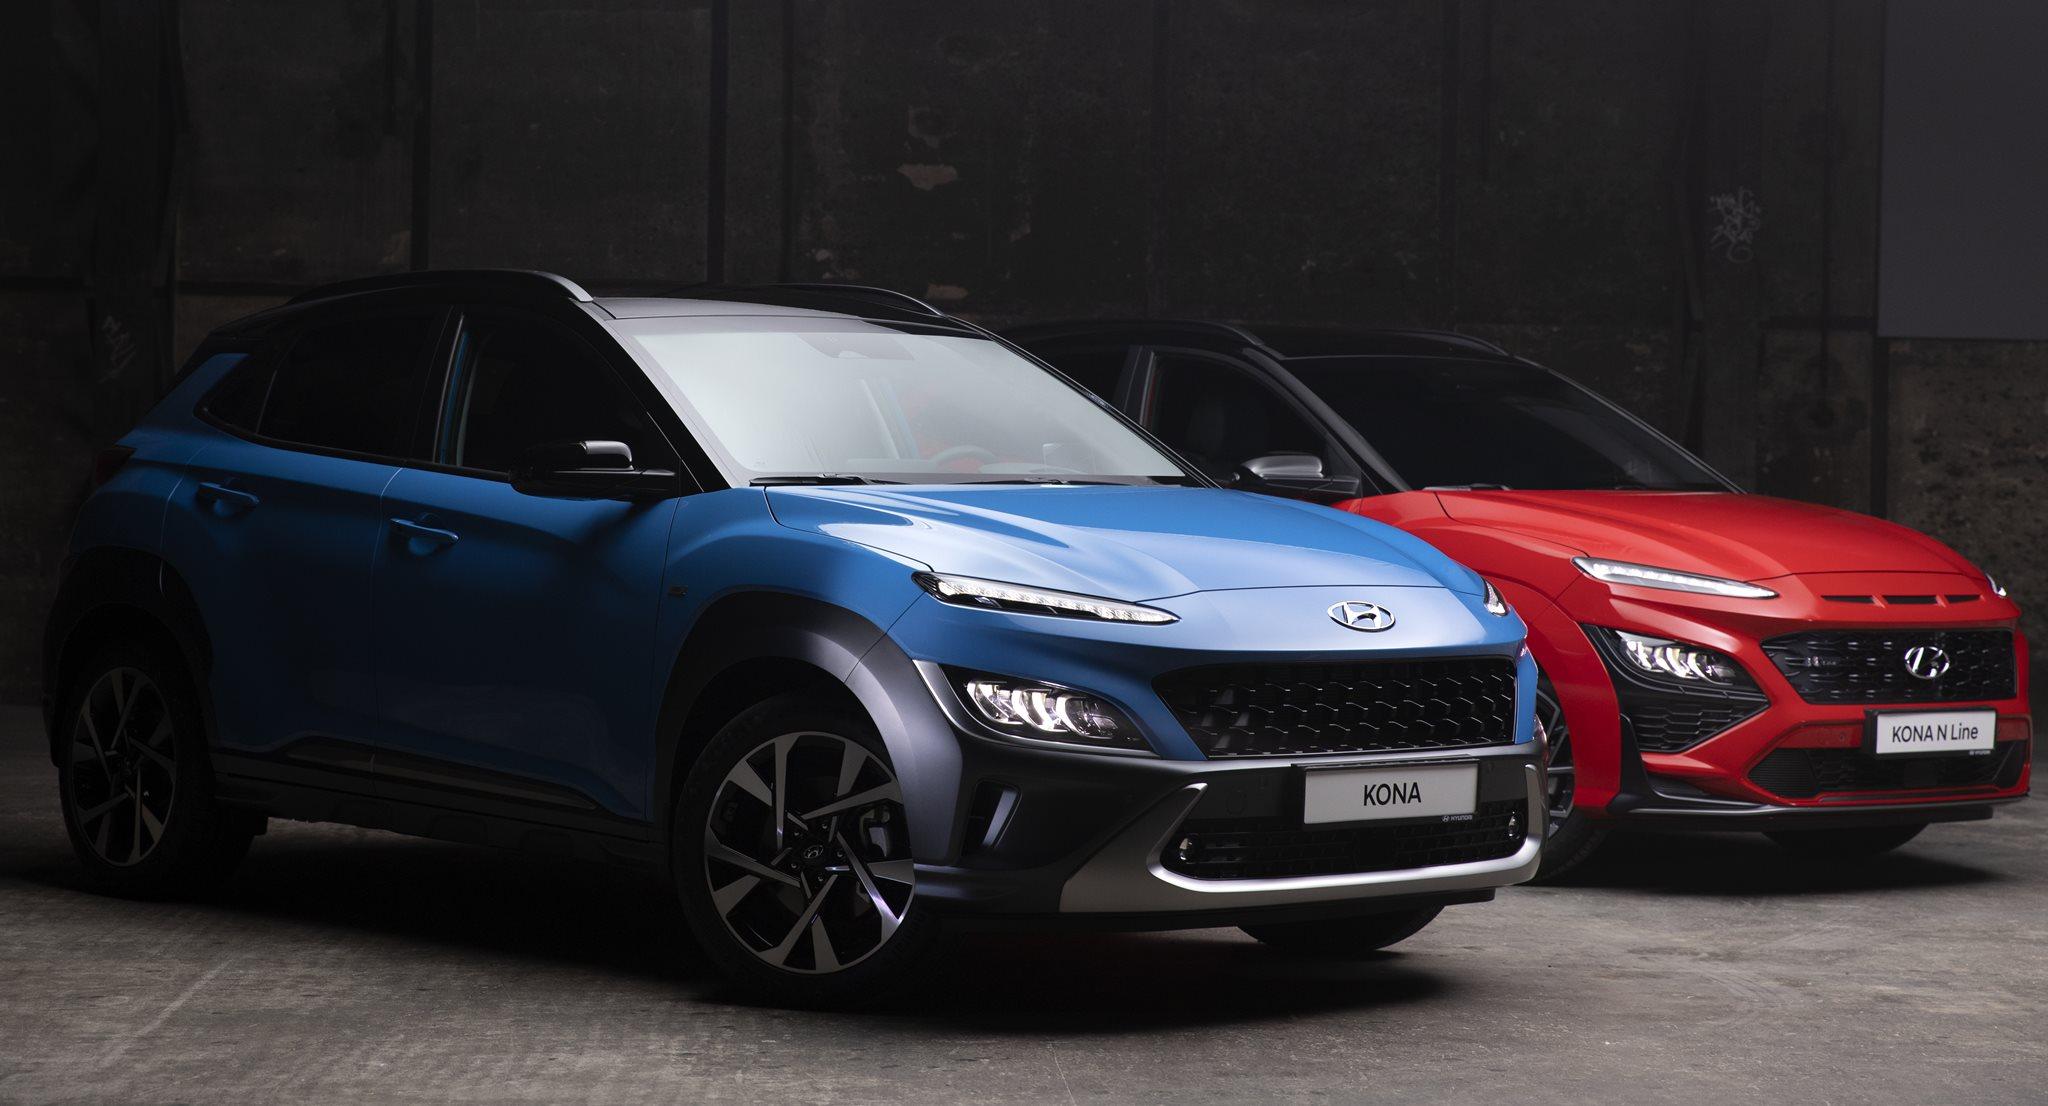 Hyundai zverejnil slovenský cenník nových modelov Kona a Kona N Line